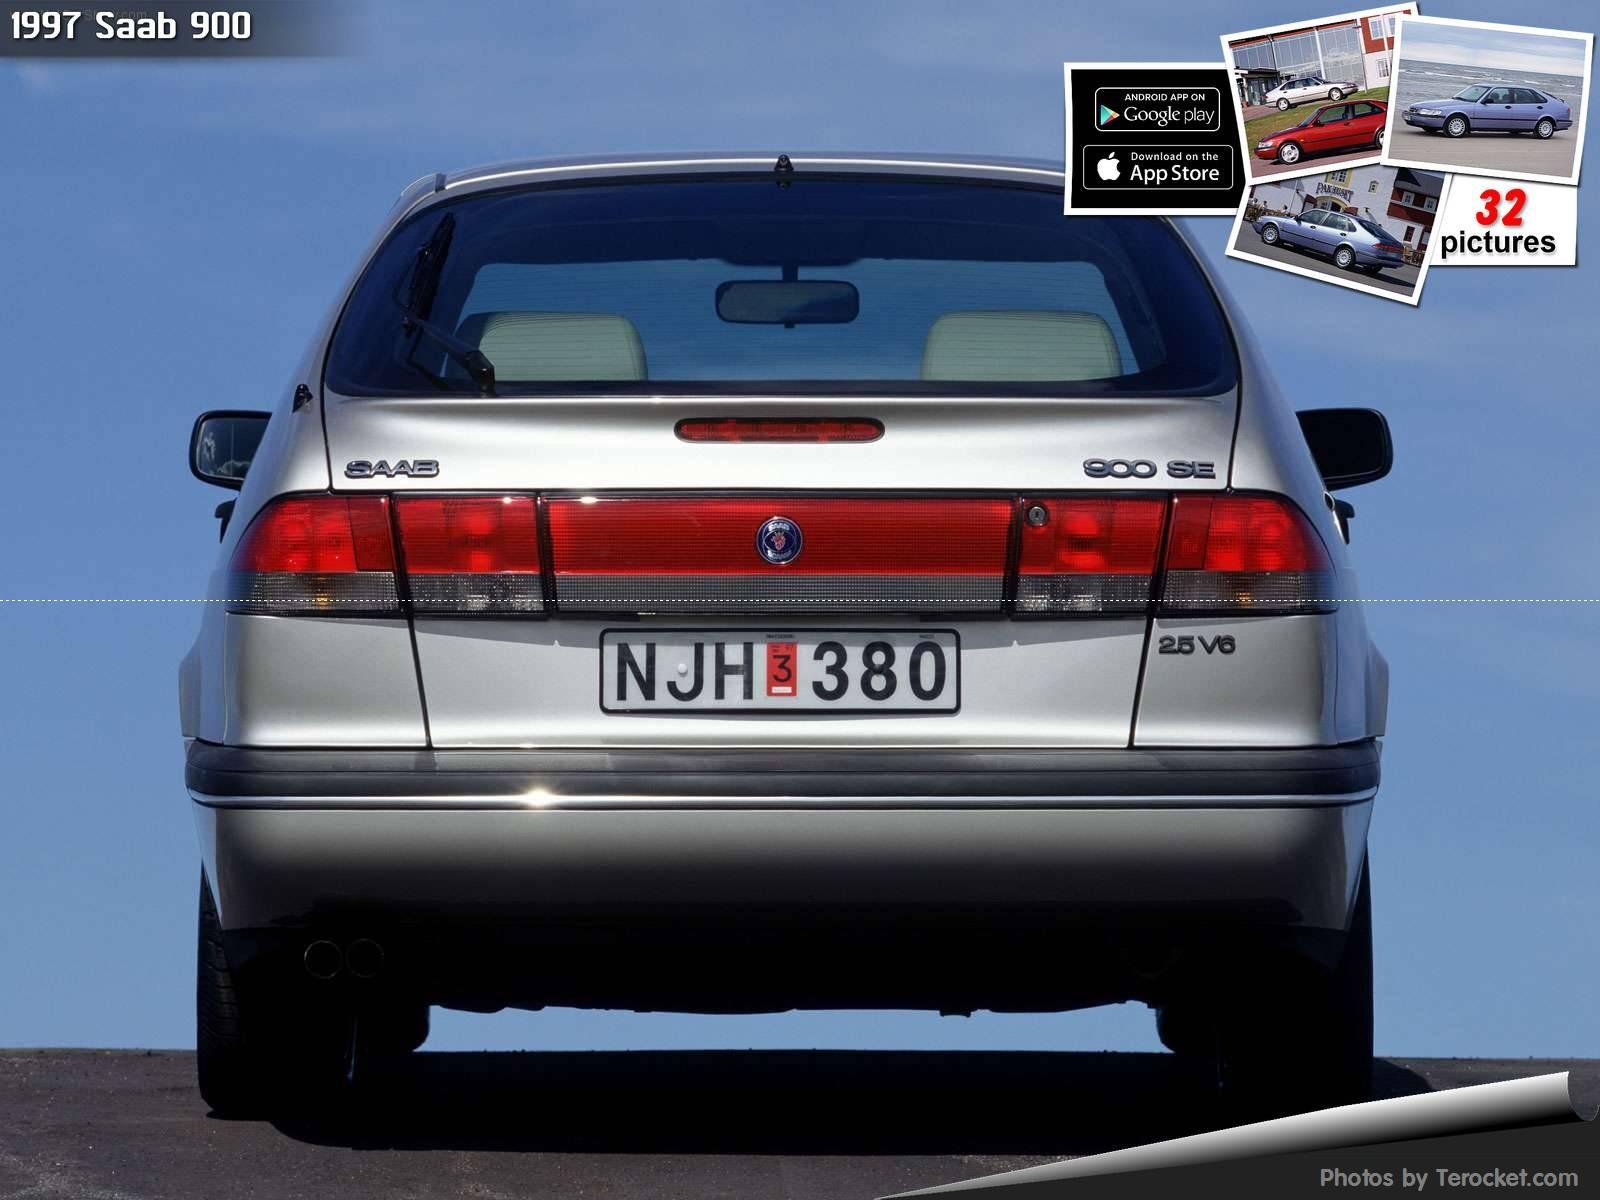 Hình ảnh xe ô tô Saab 9000 1997 & nội ngoại thất